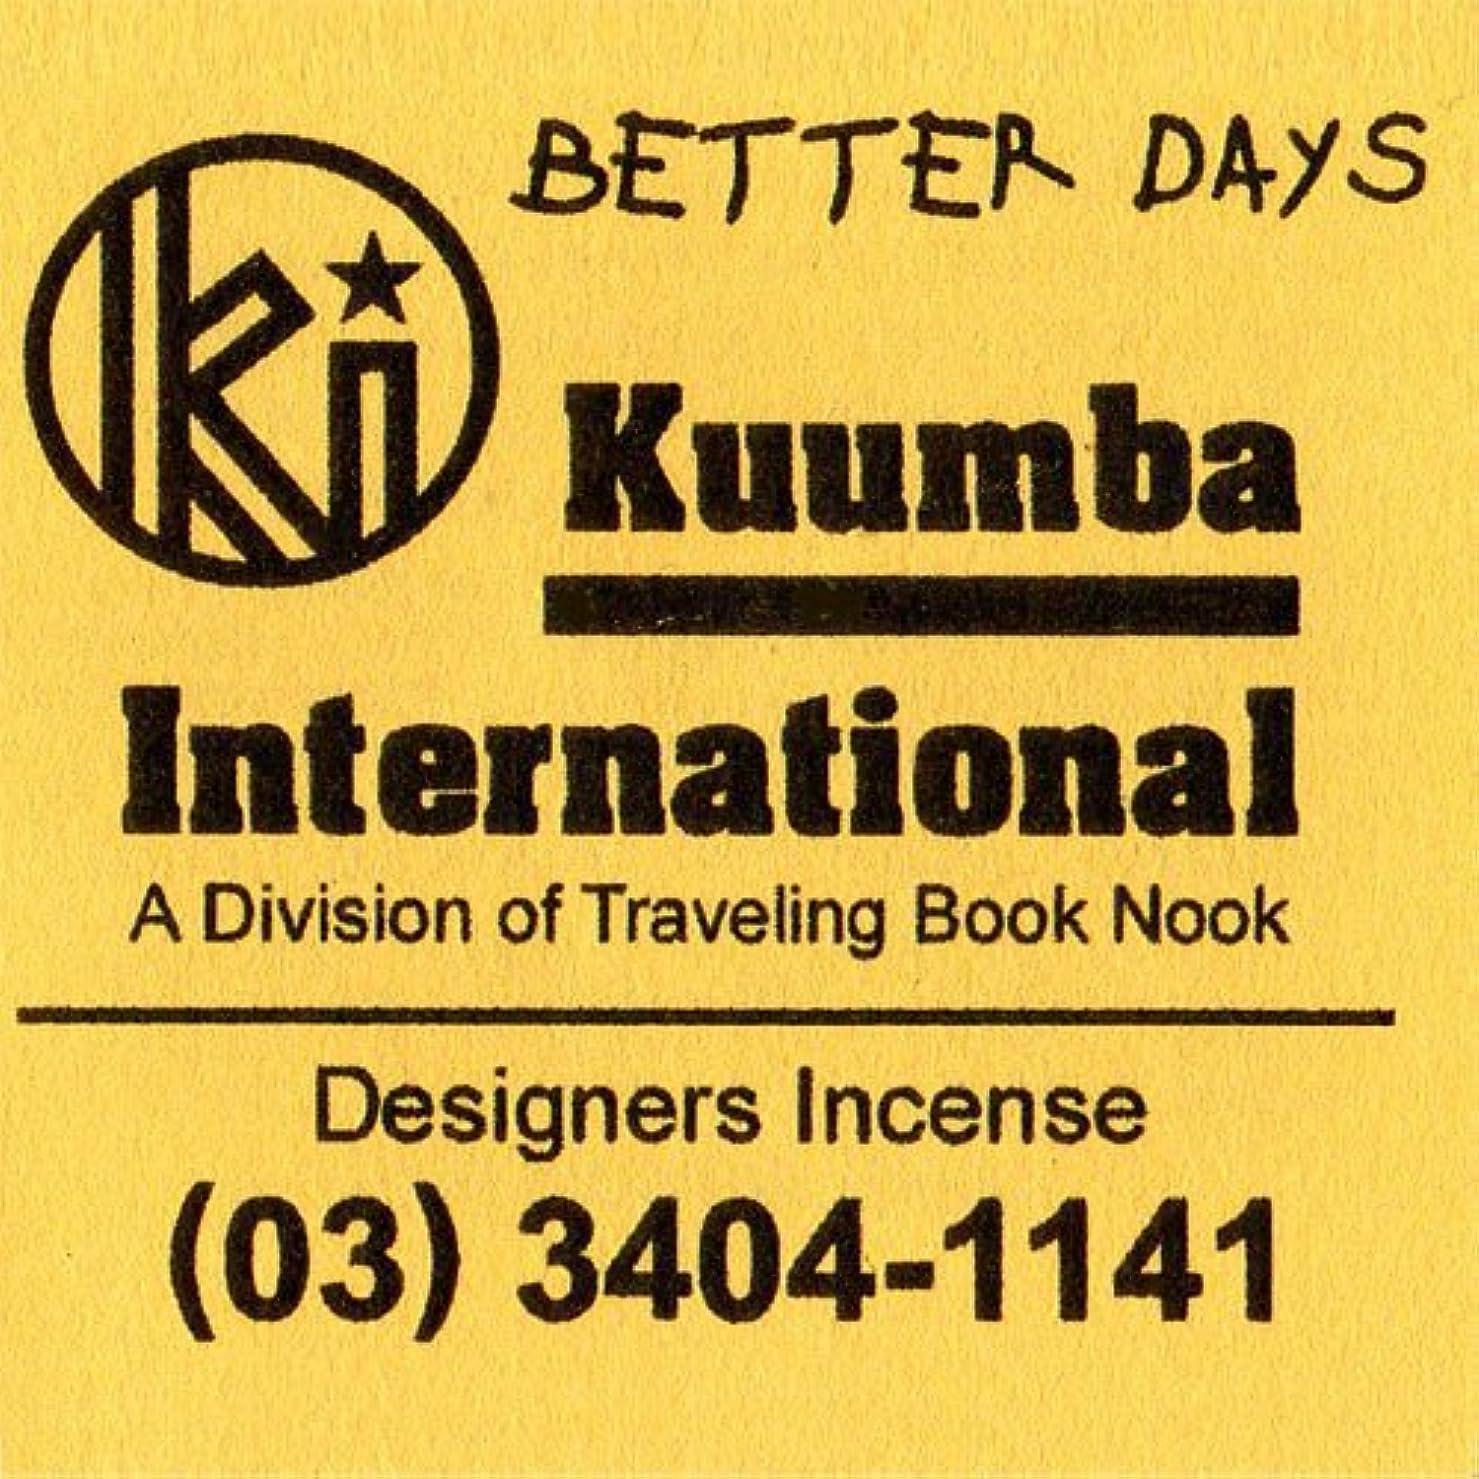 アラブ人ブレンド無駄なKUUMBA/クンバ『incense』(BETTER DAYS) (Regular size)